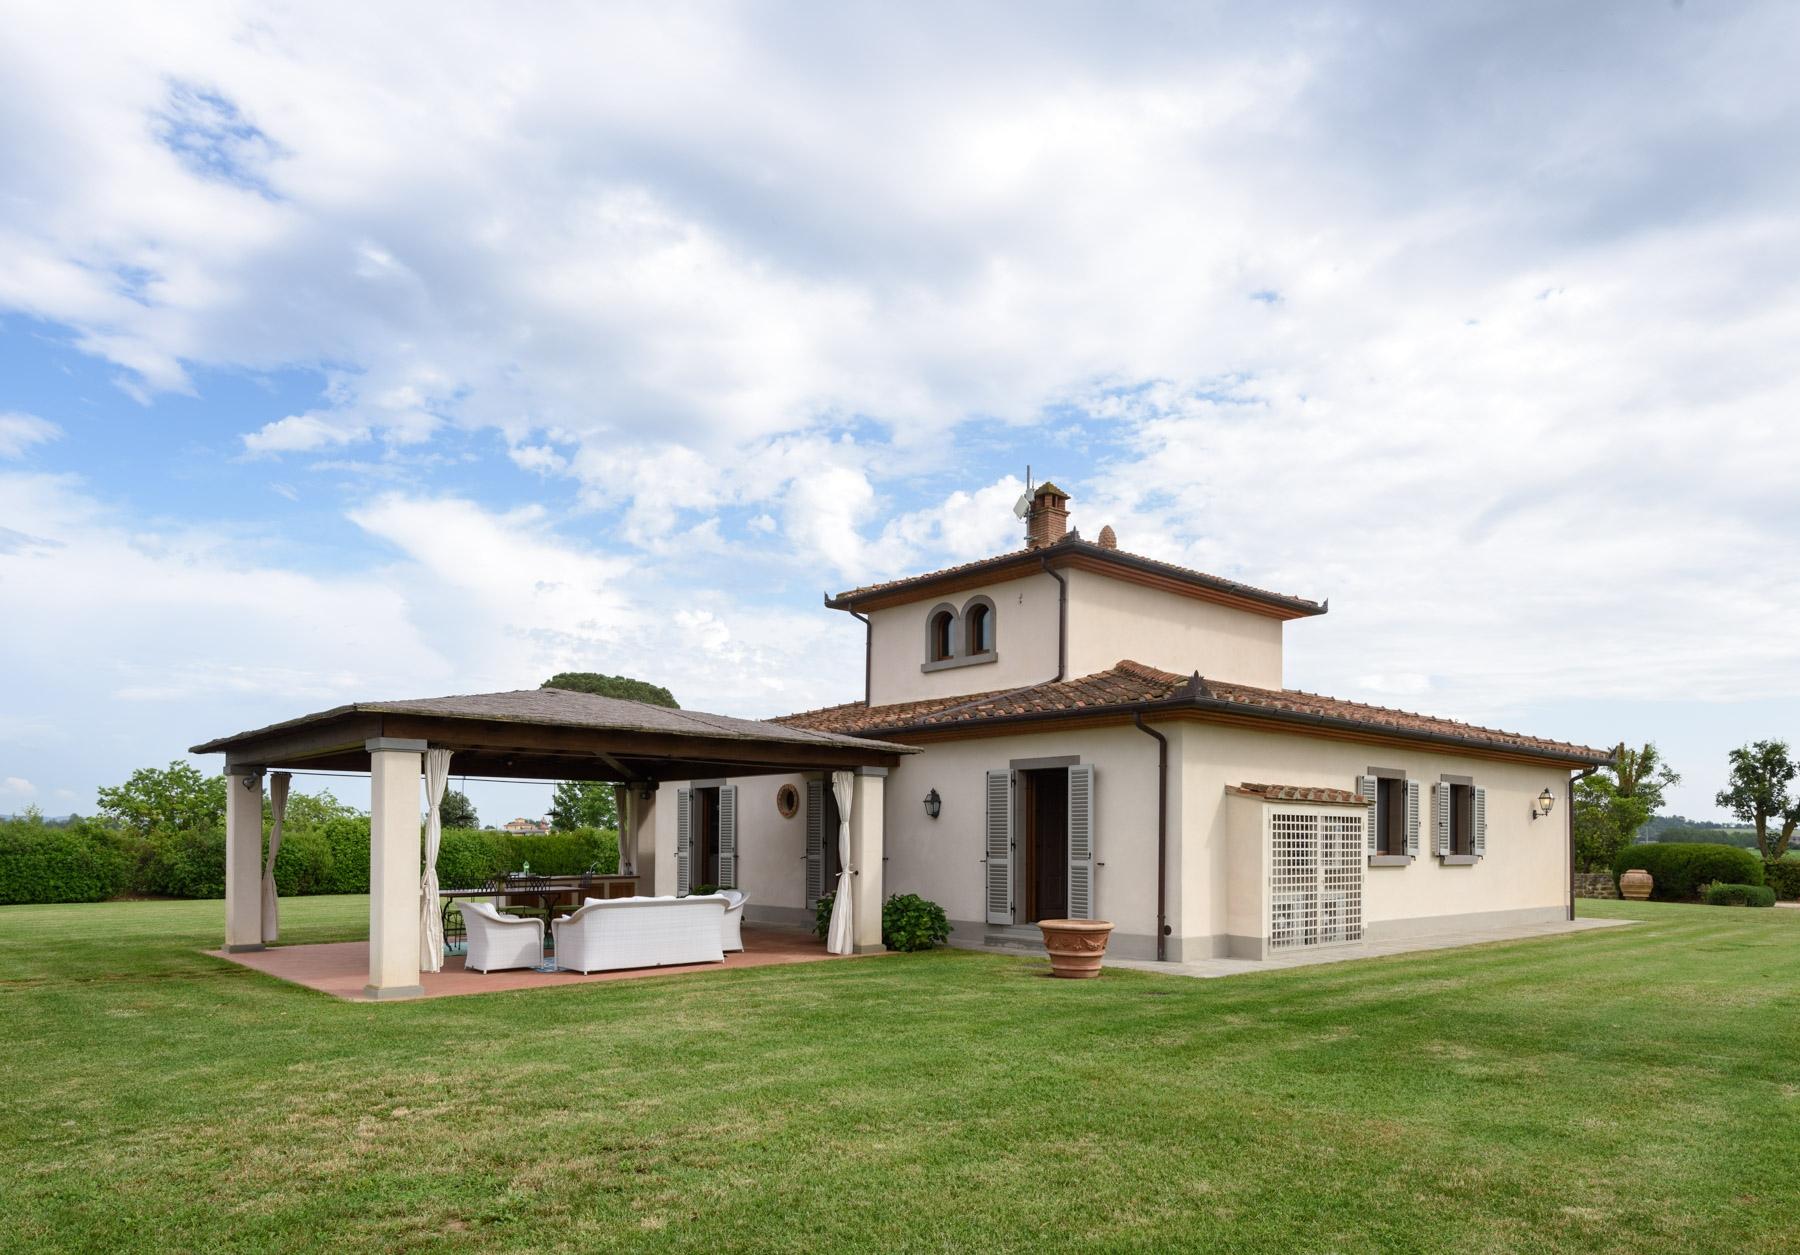 Villa in Vendita a Cortona: 5 locali, 246 mq - Foto 15